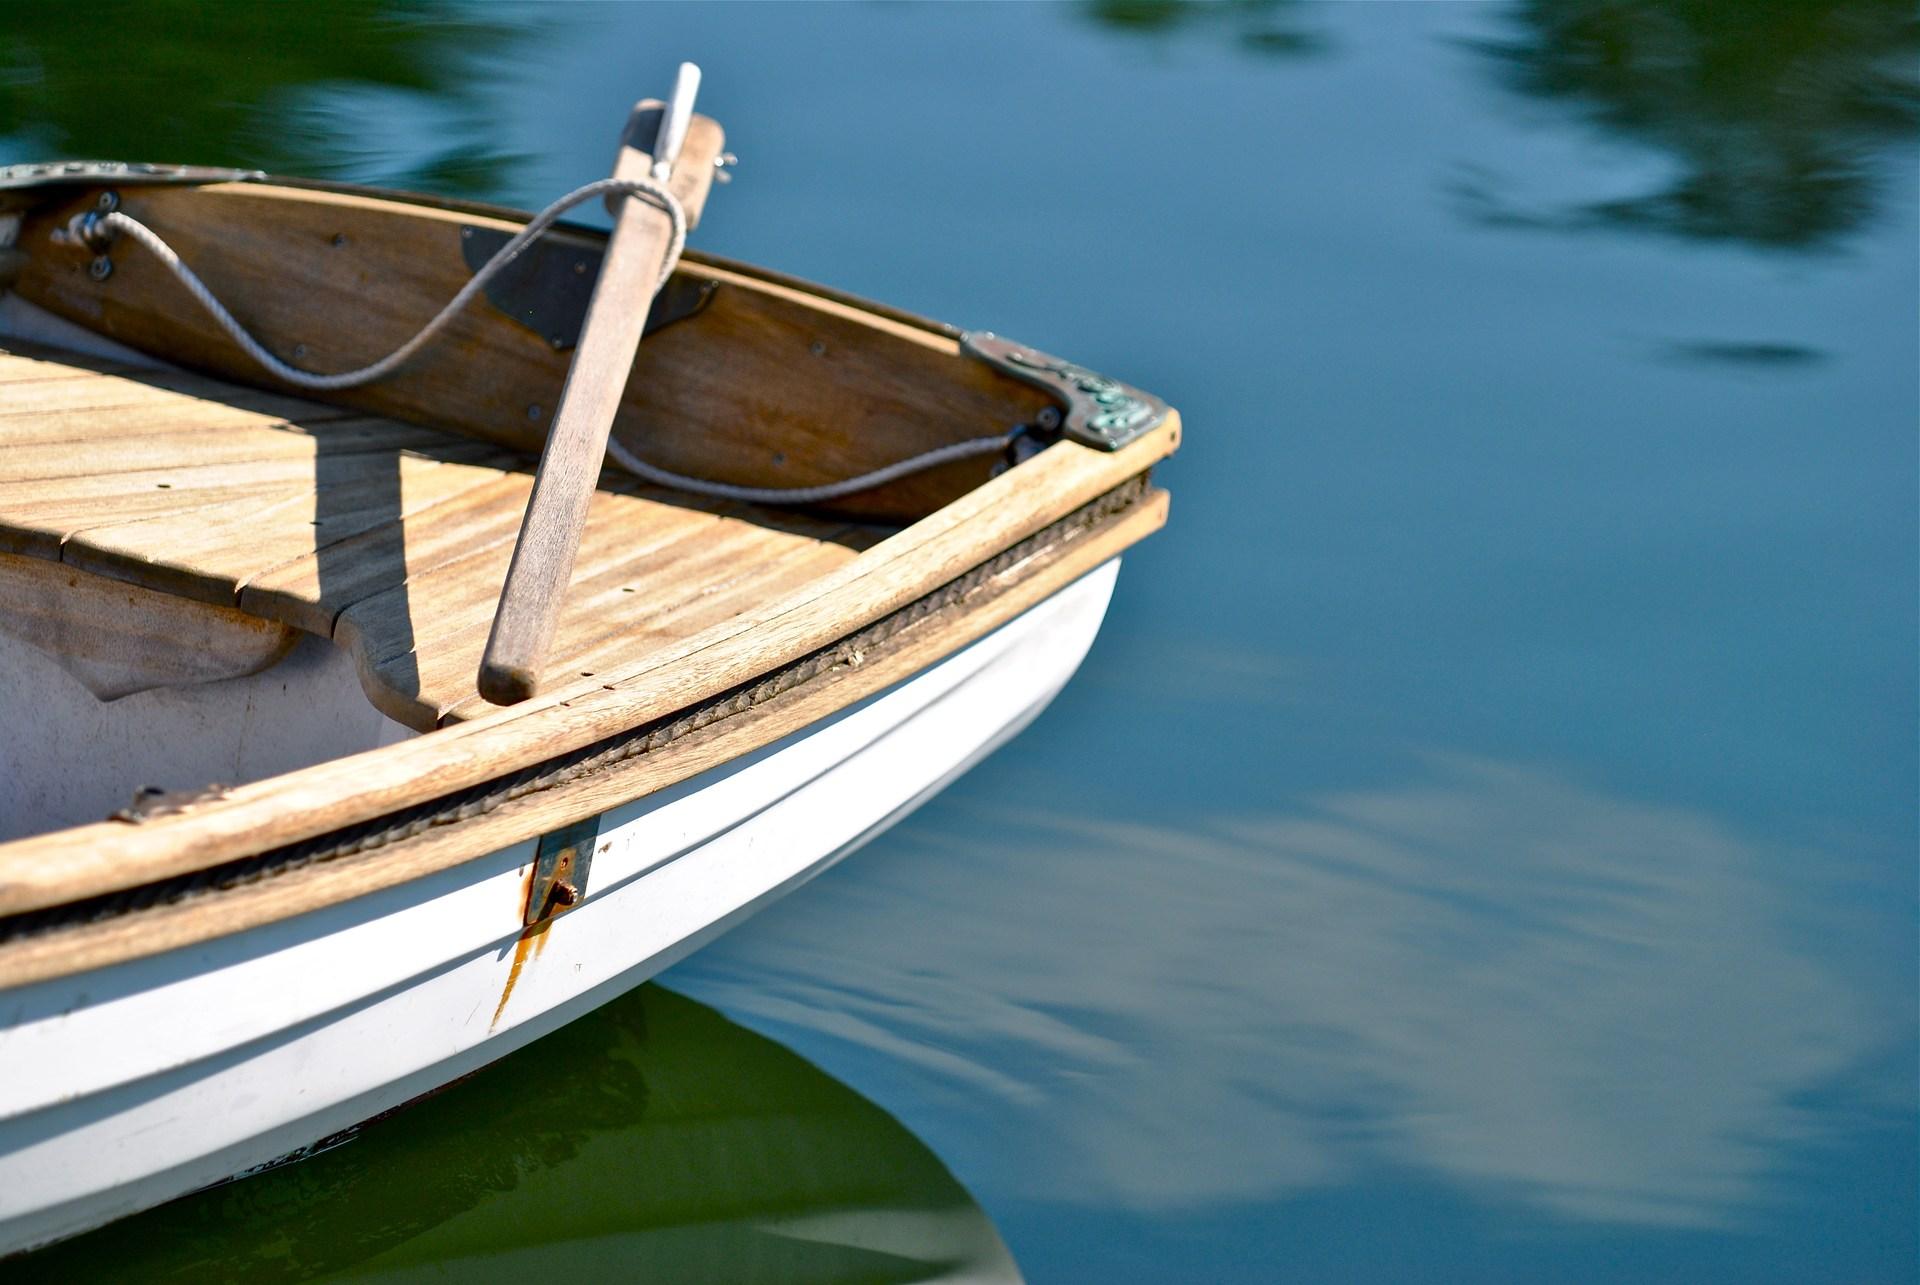 Stern of a small sailboat, Poulsbo, WA.